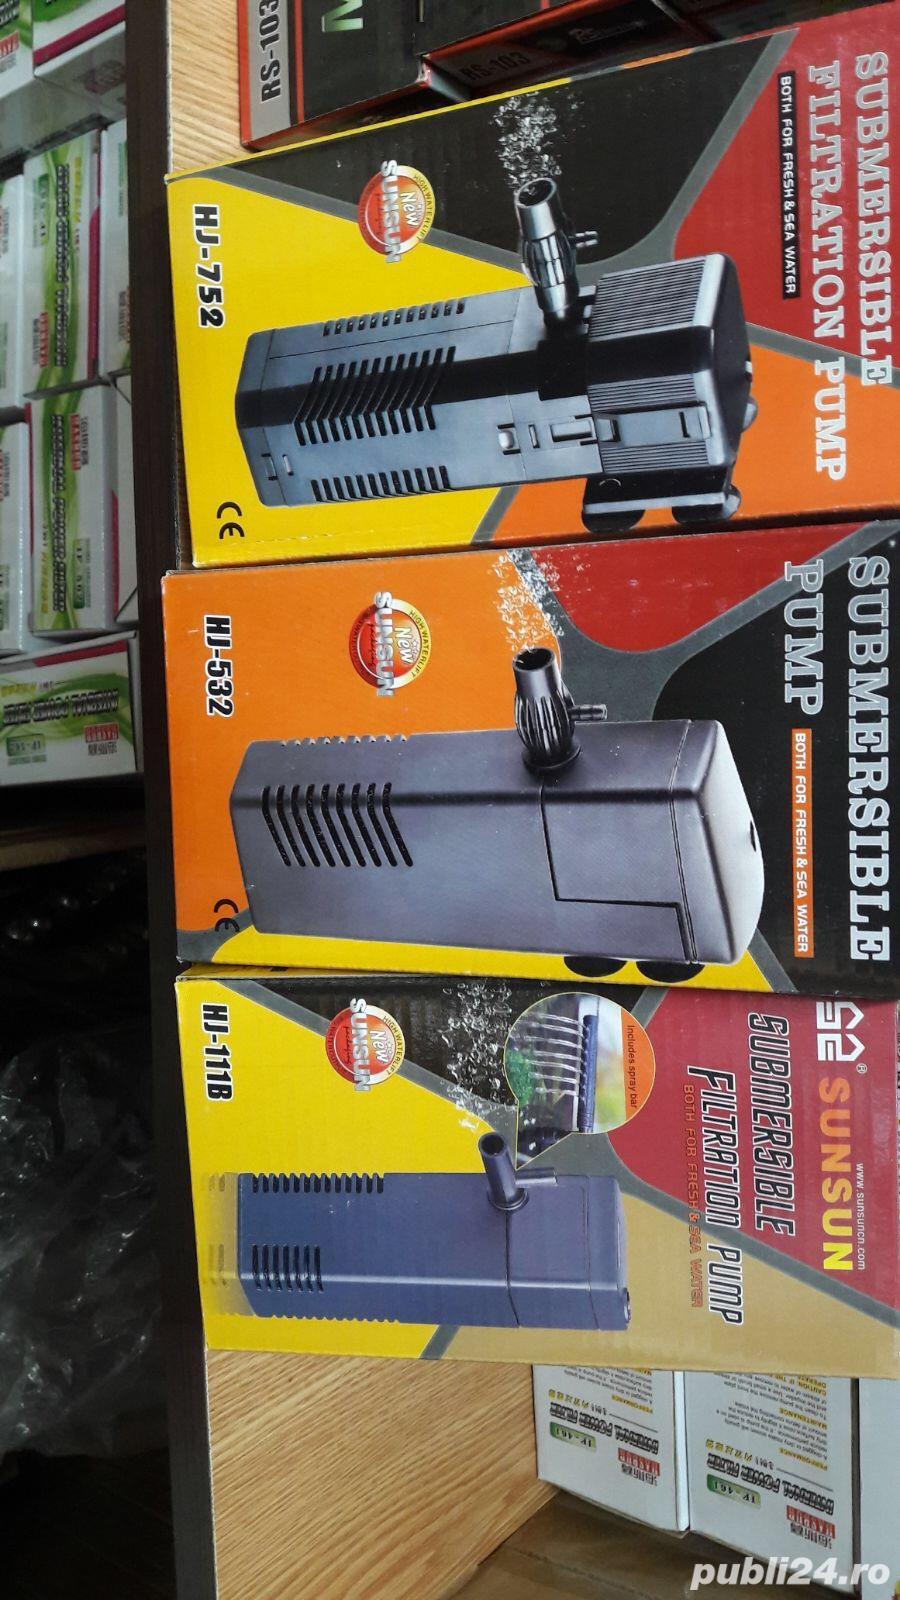 Accesorii -filtre interne, pompe de aer etc